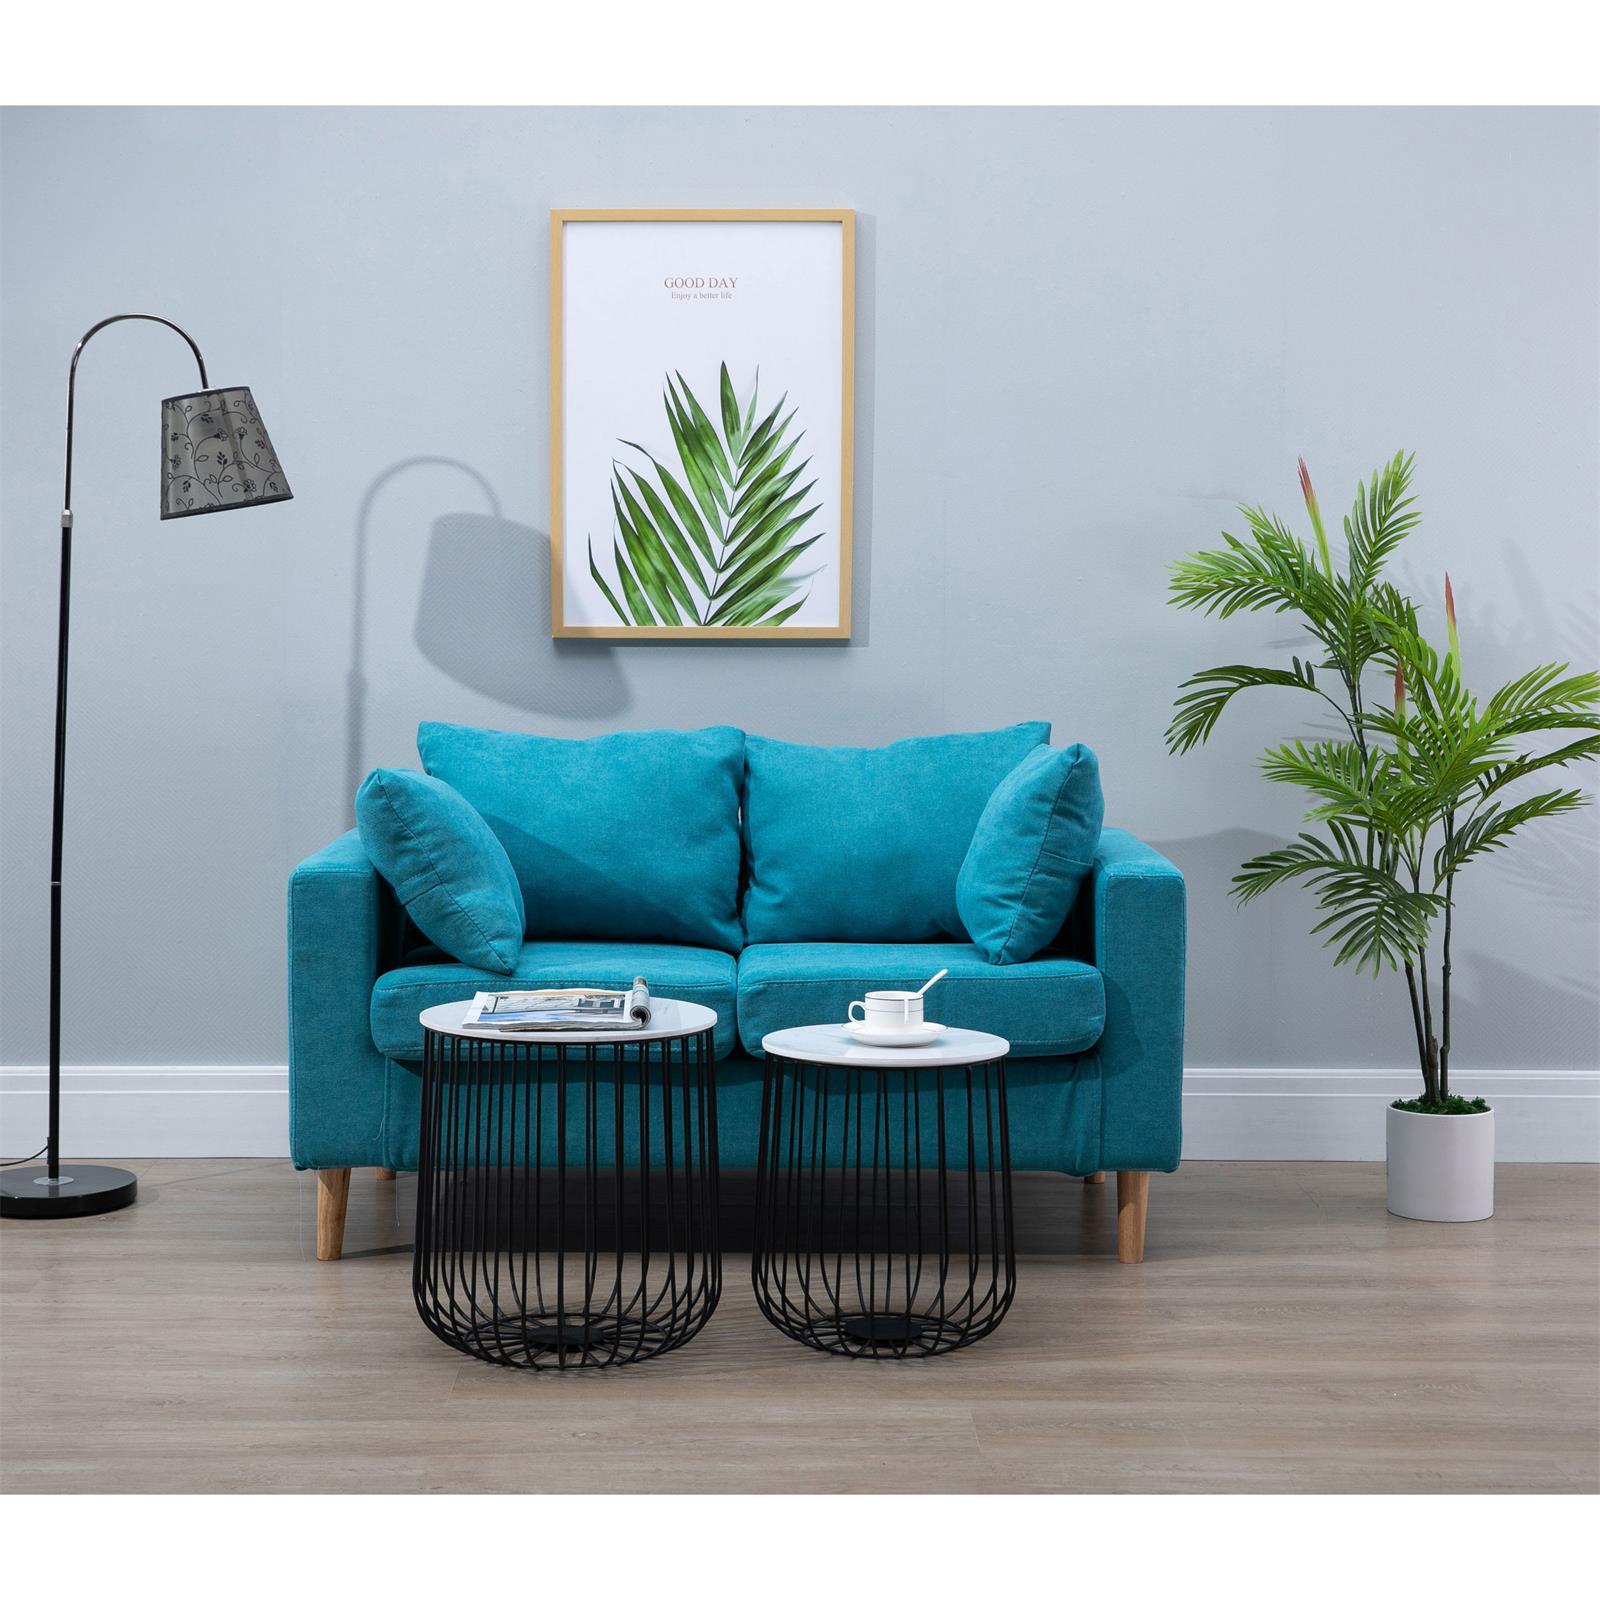 couchtisch errano 2er set deckel in marmor optik wei. Black Bedroom Furniture Sets. Home Design Ideas